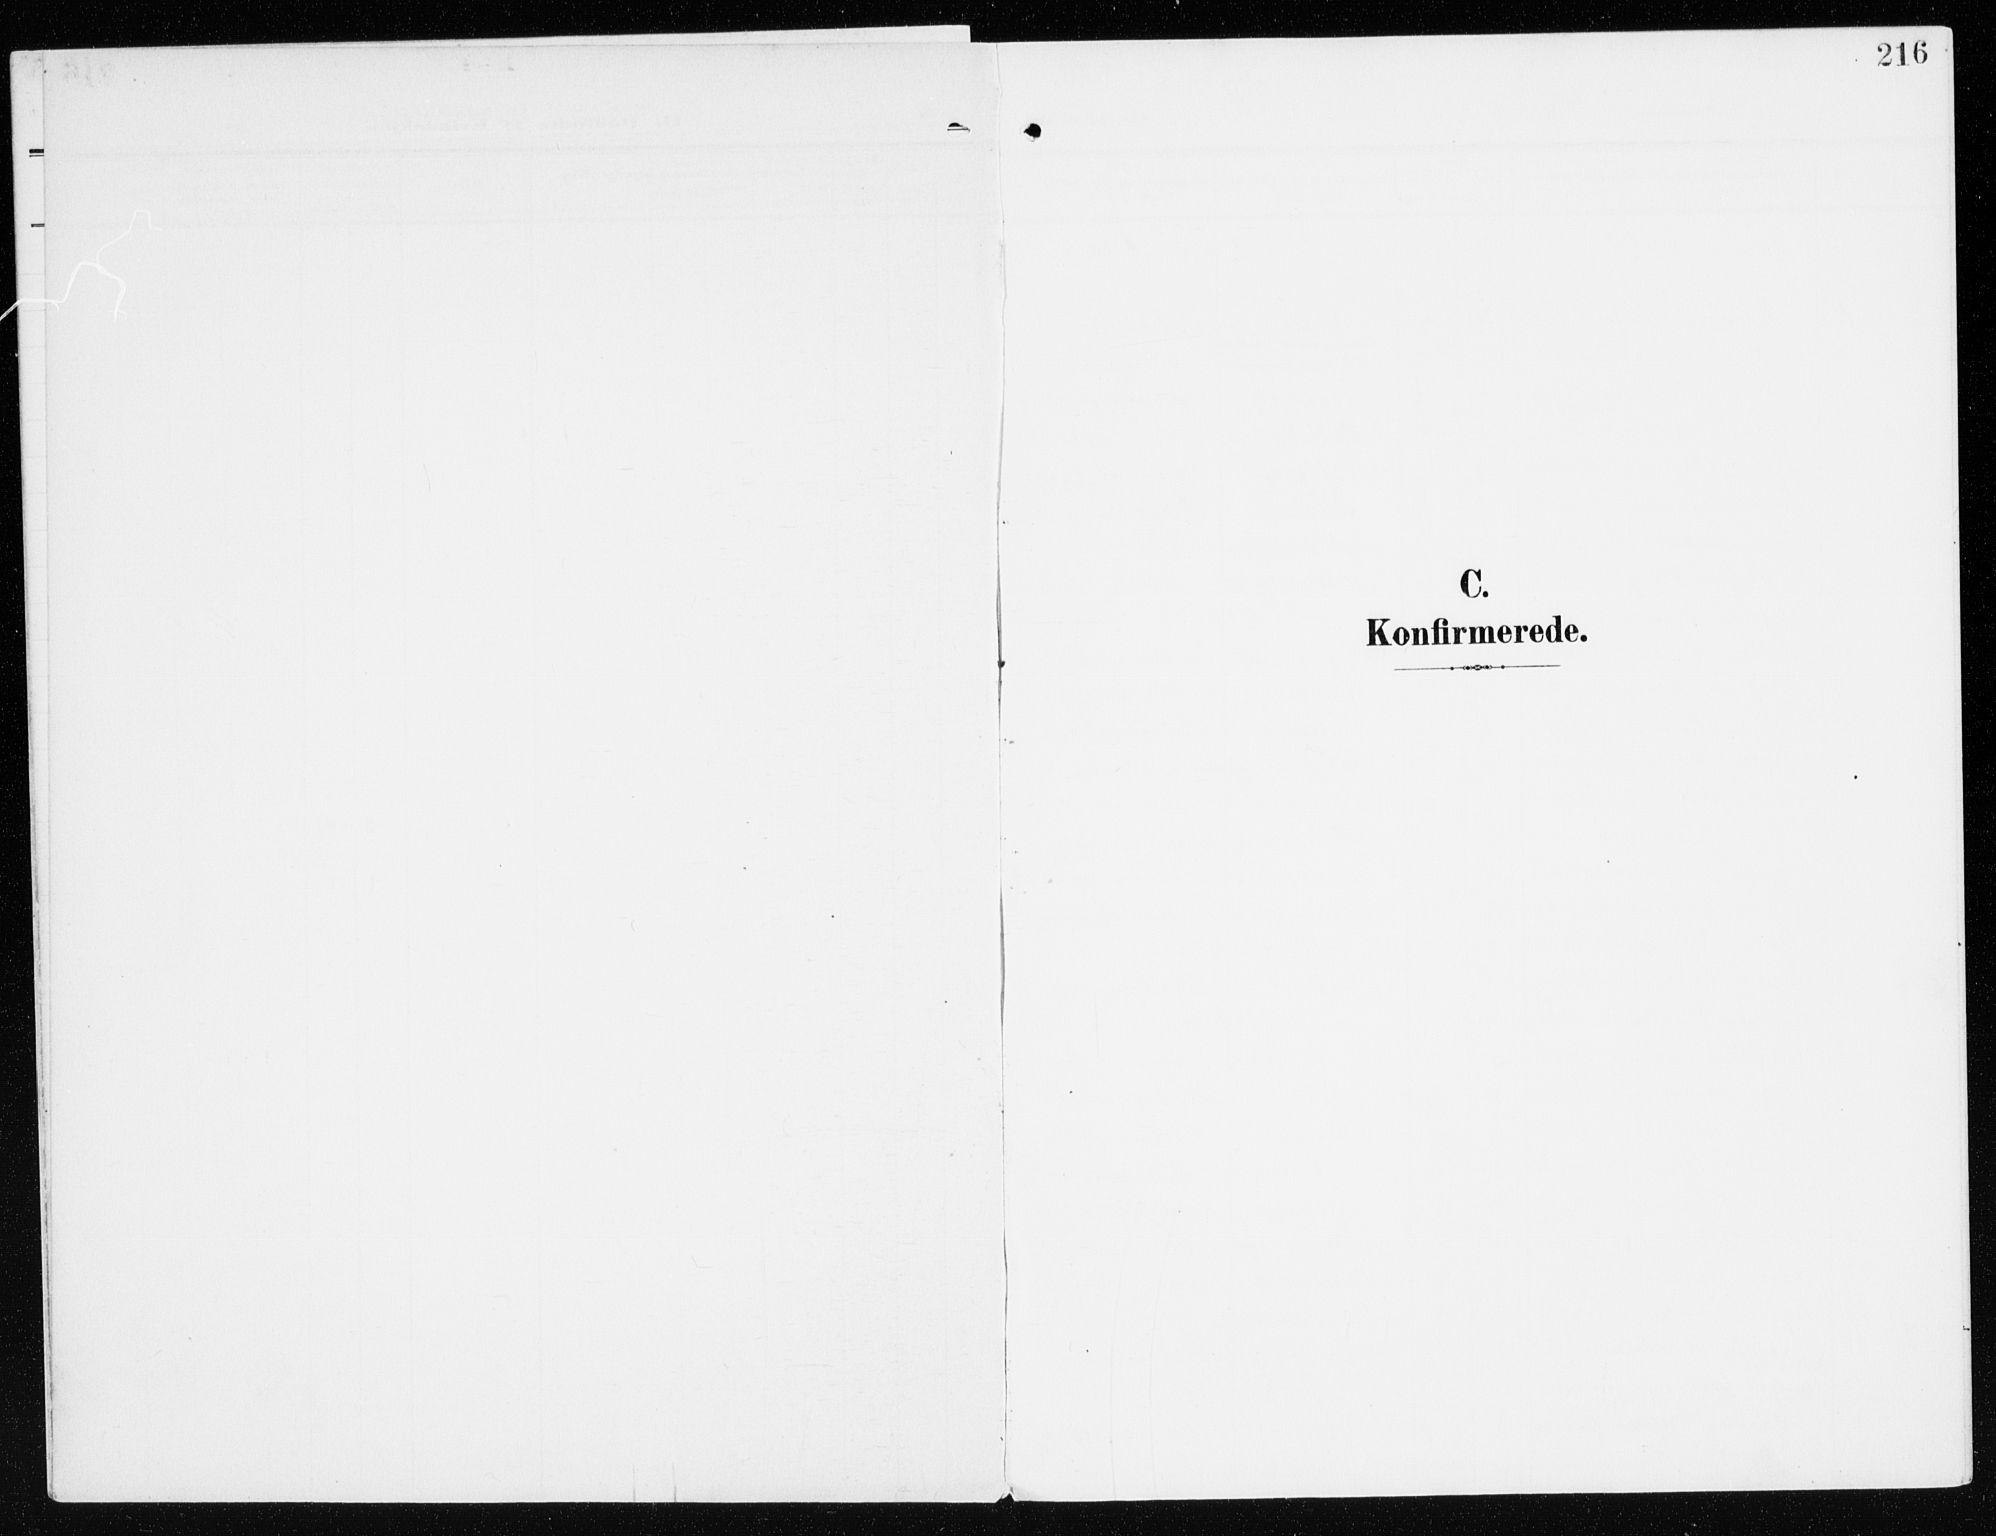 SAH, Furnes sokneprestkontor, K/Ka/L0001: Ministerialbok nr. 1, 1907-1935, s. 216